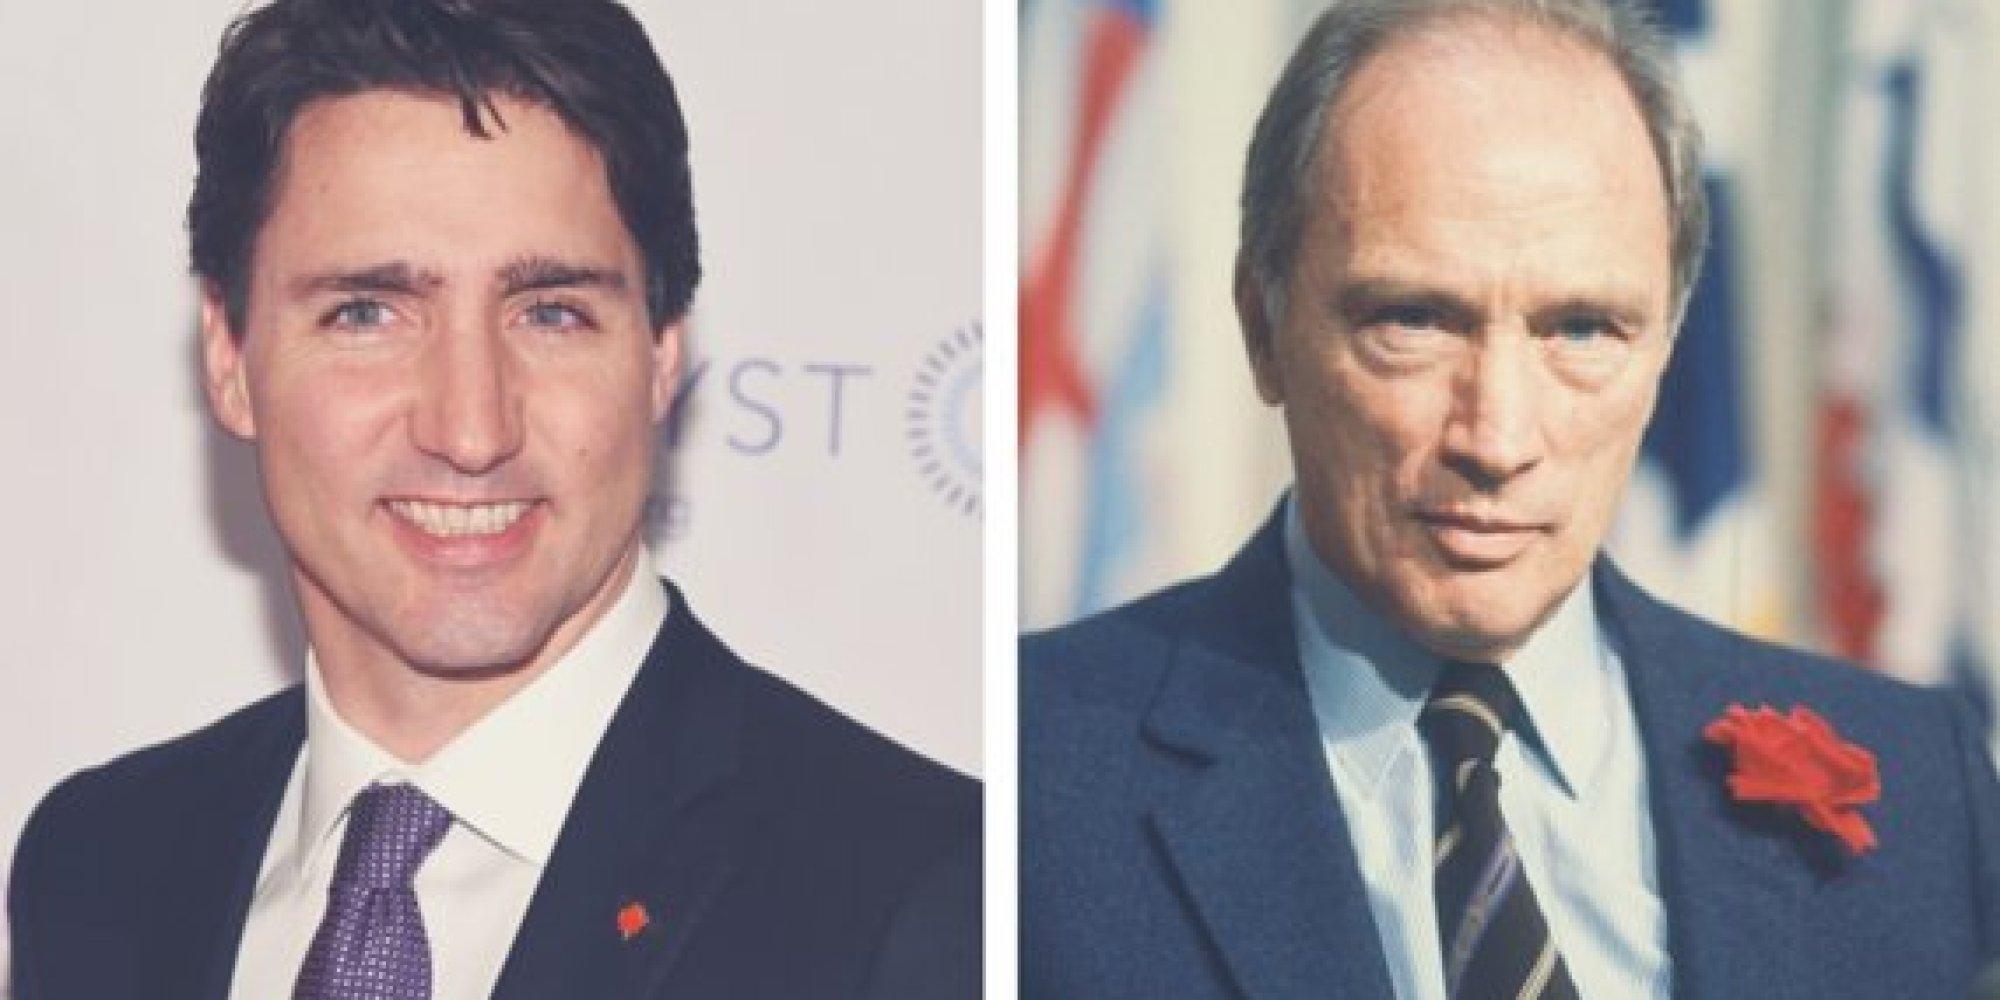 Like Father, Like Son? | theTrumpet.com